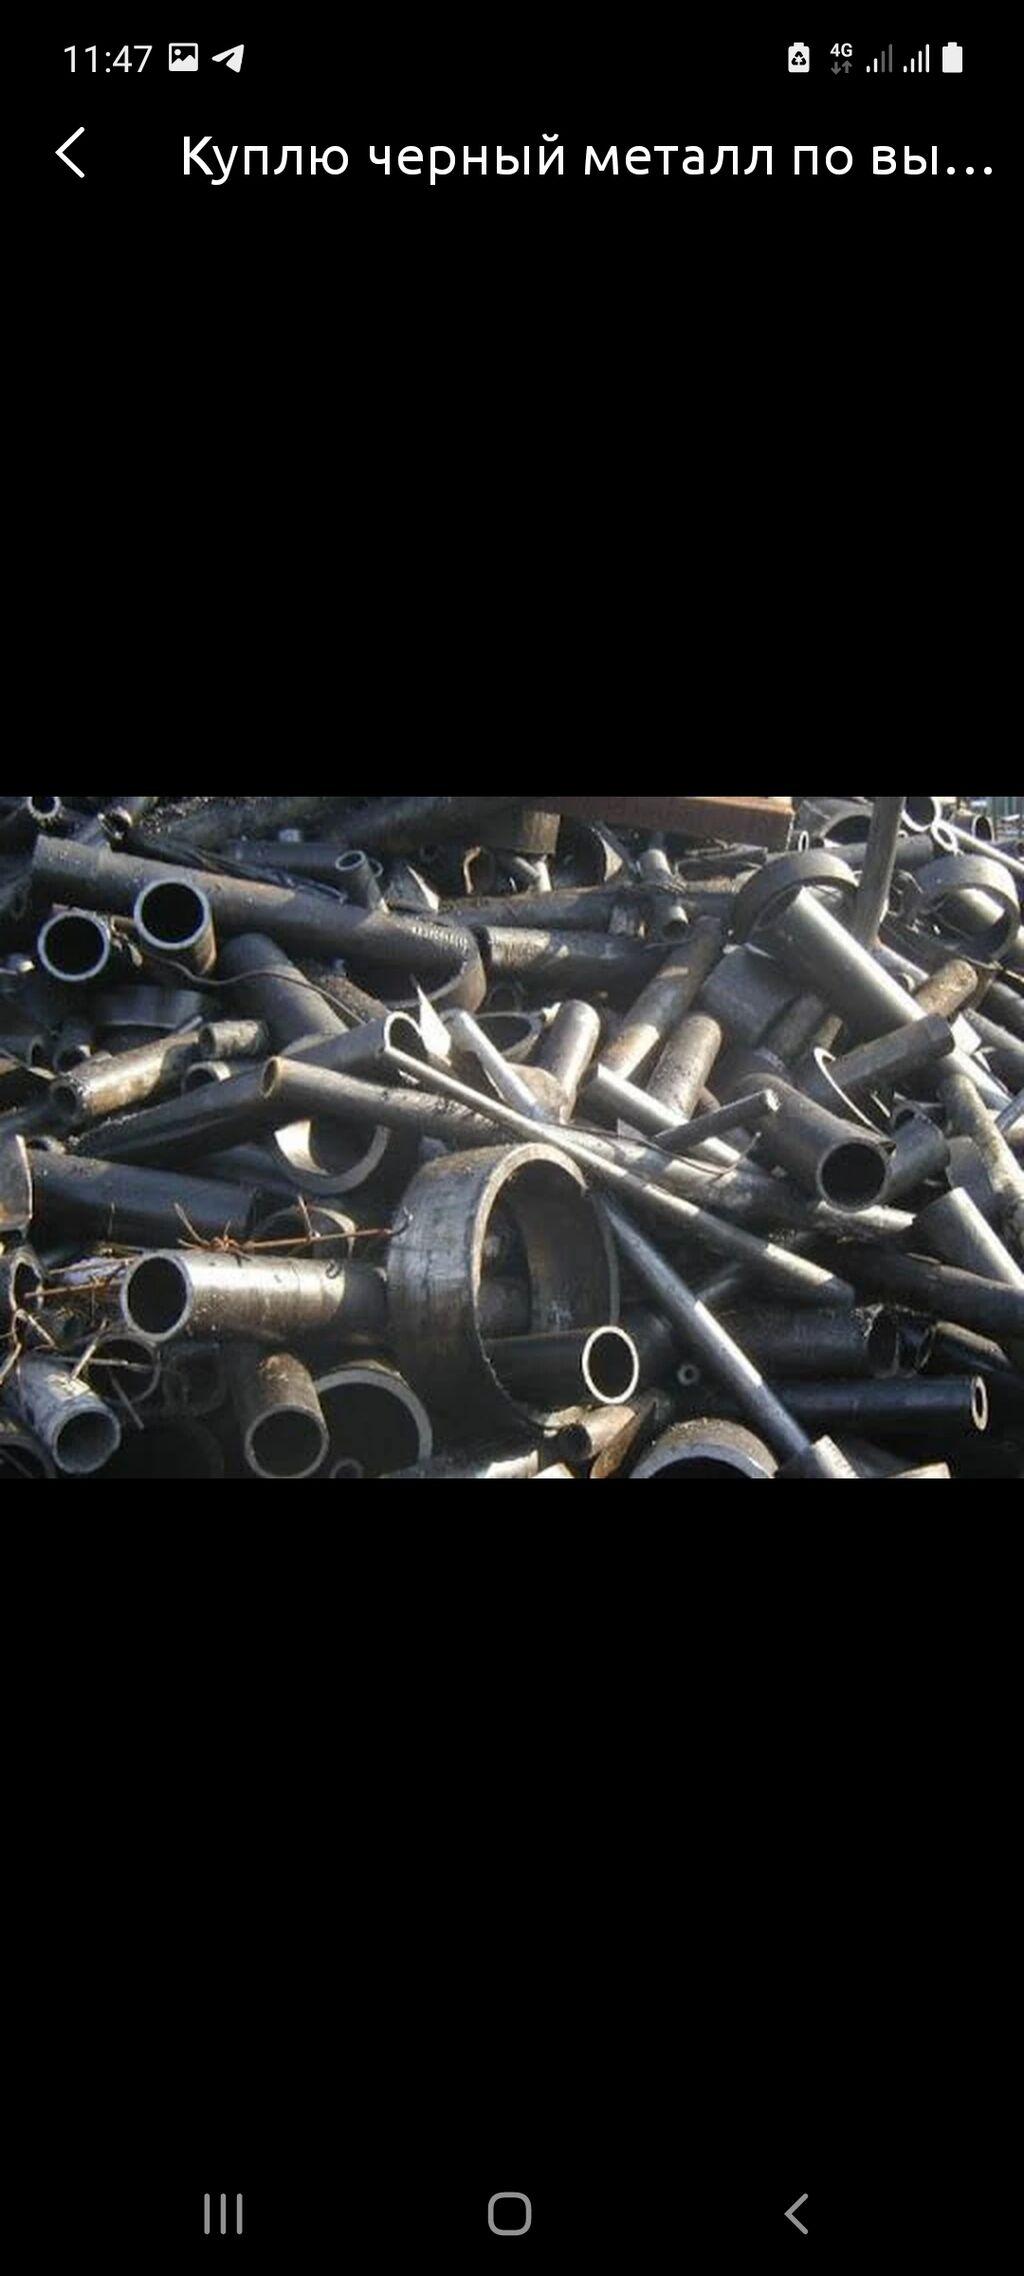 Принимаем черный металл. Высокие цены. Скупка метала## | Объявление создано 17 Июль 2021 05:54:25 | СКУПКА ЧЕРНОГО МЕТАЛЛА: Принимаем черный металл. Высокие цены. Скупка метала##